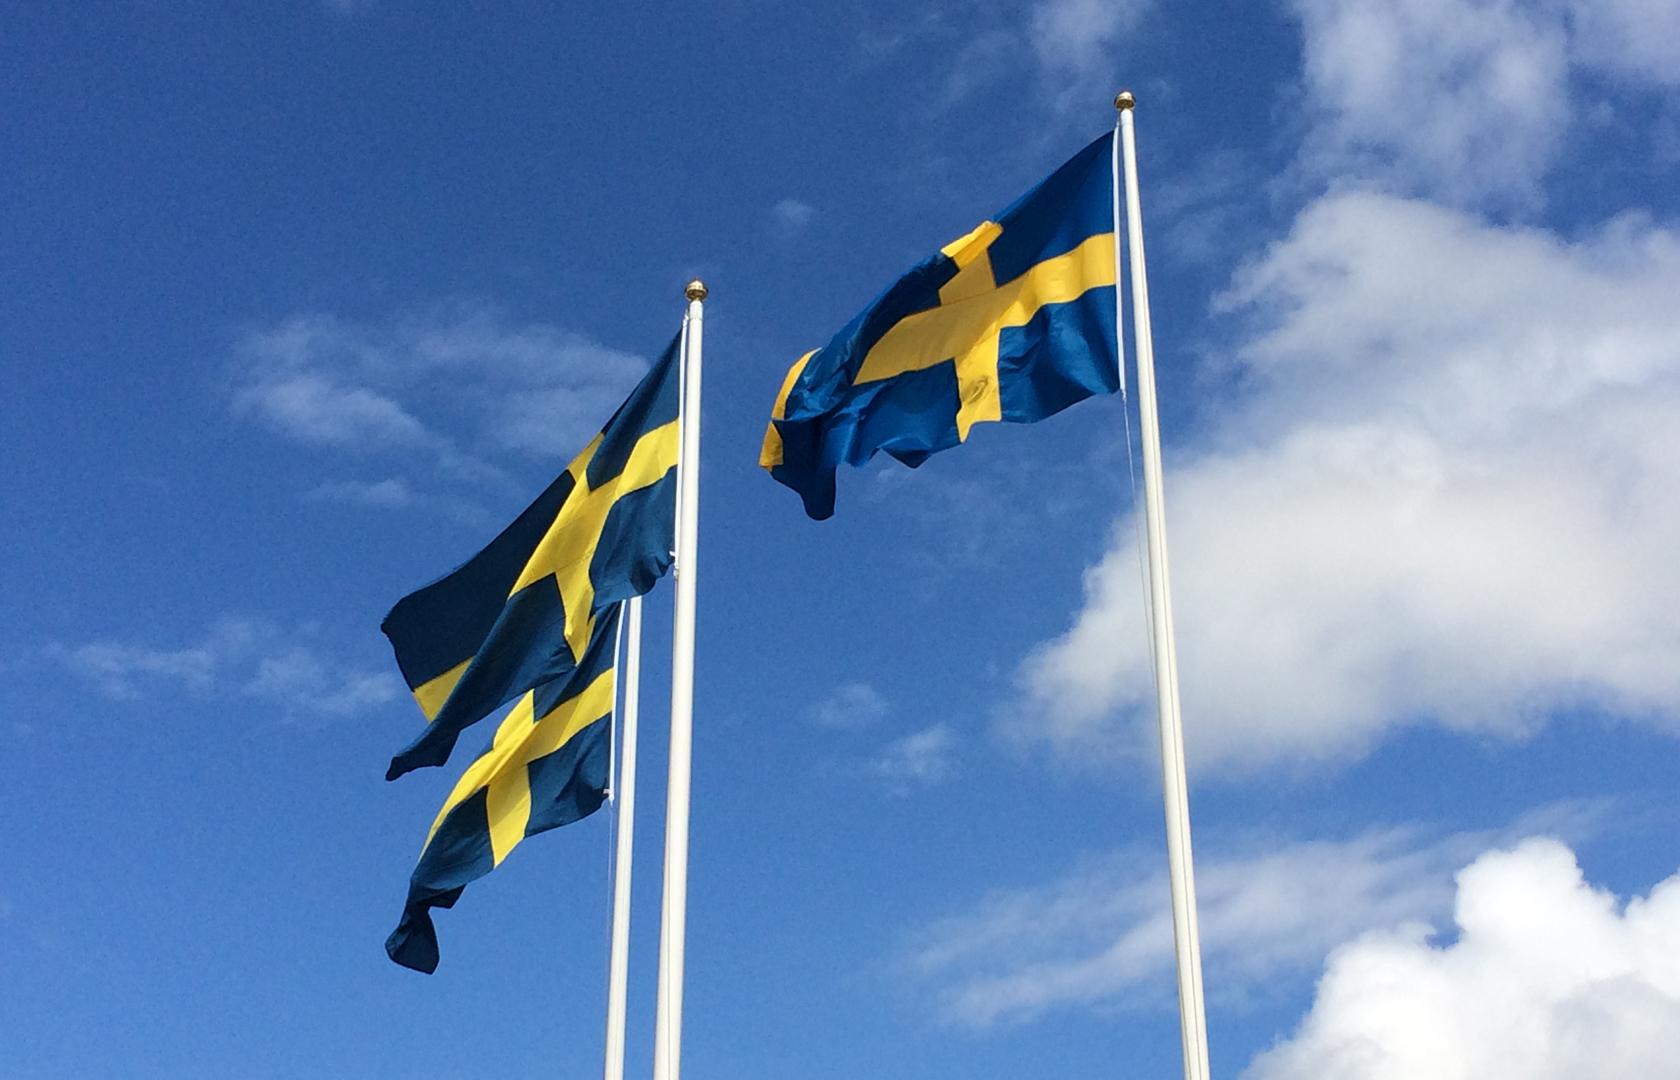 Svenska Flaggor, Nationaldagen 2014 - foto MikaelTilly